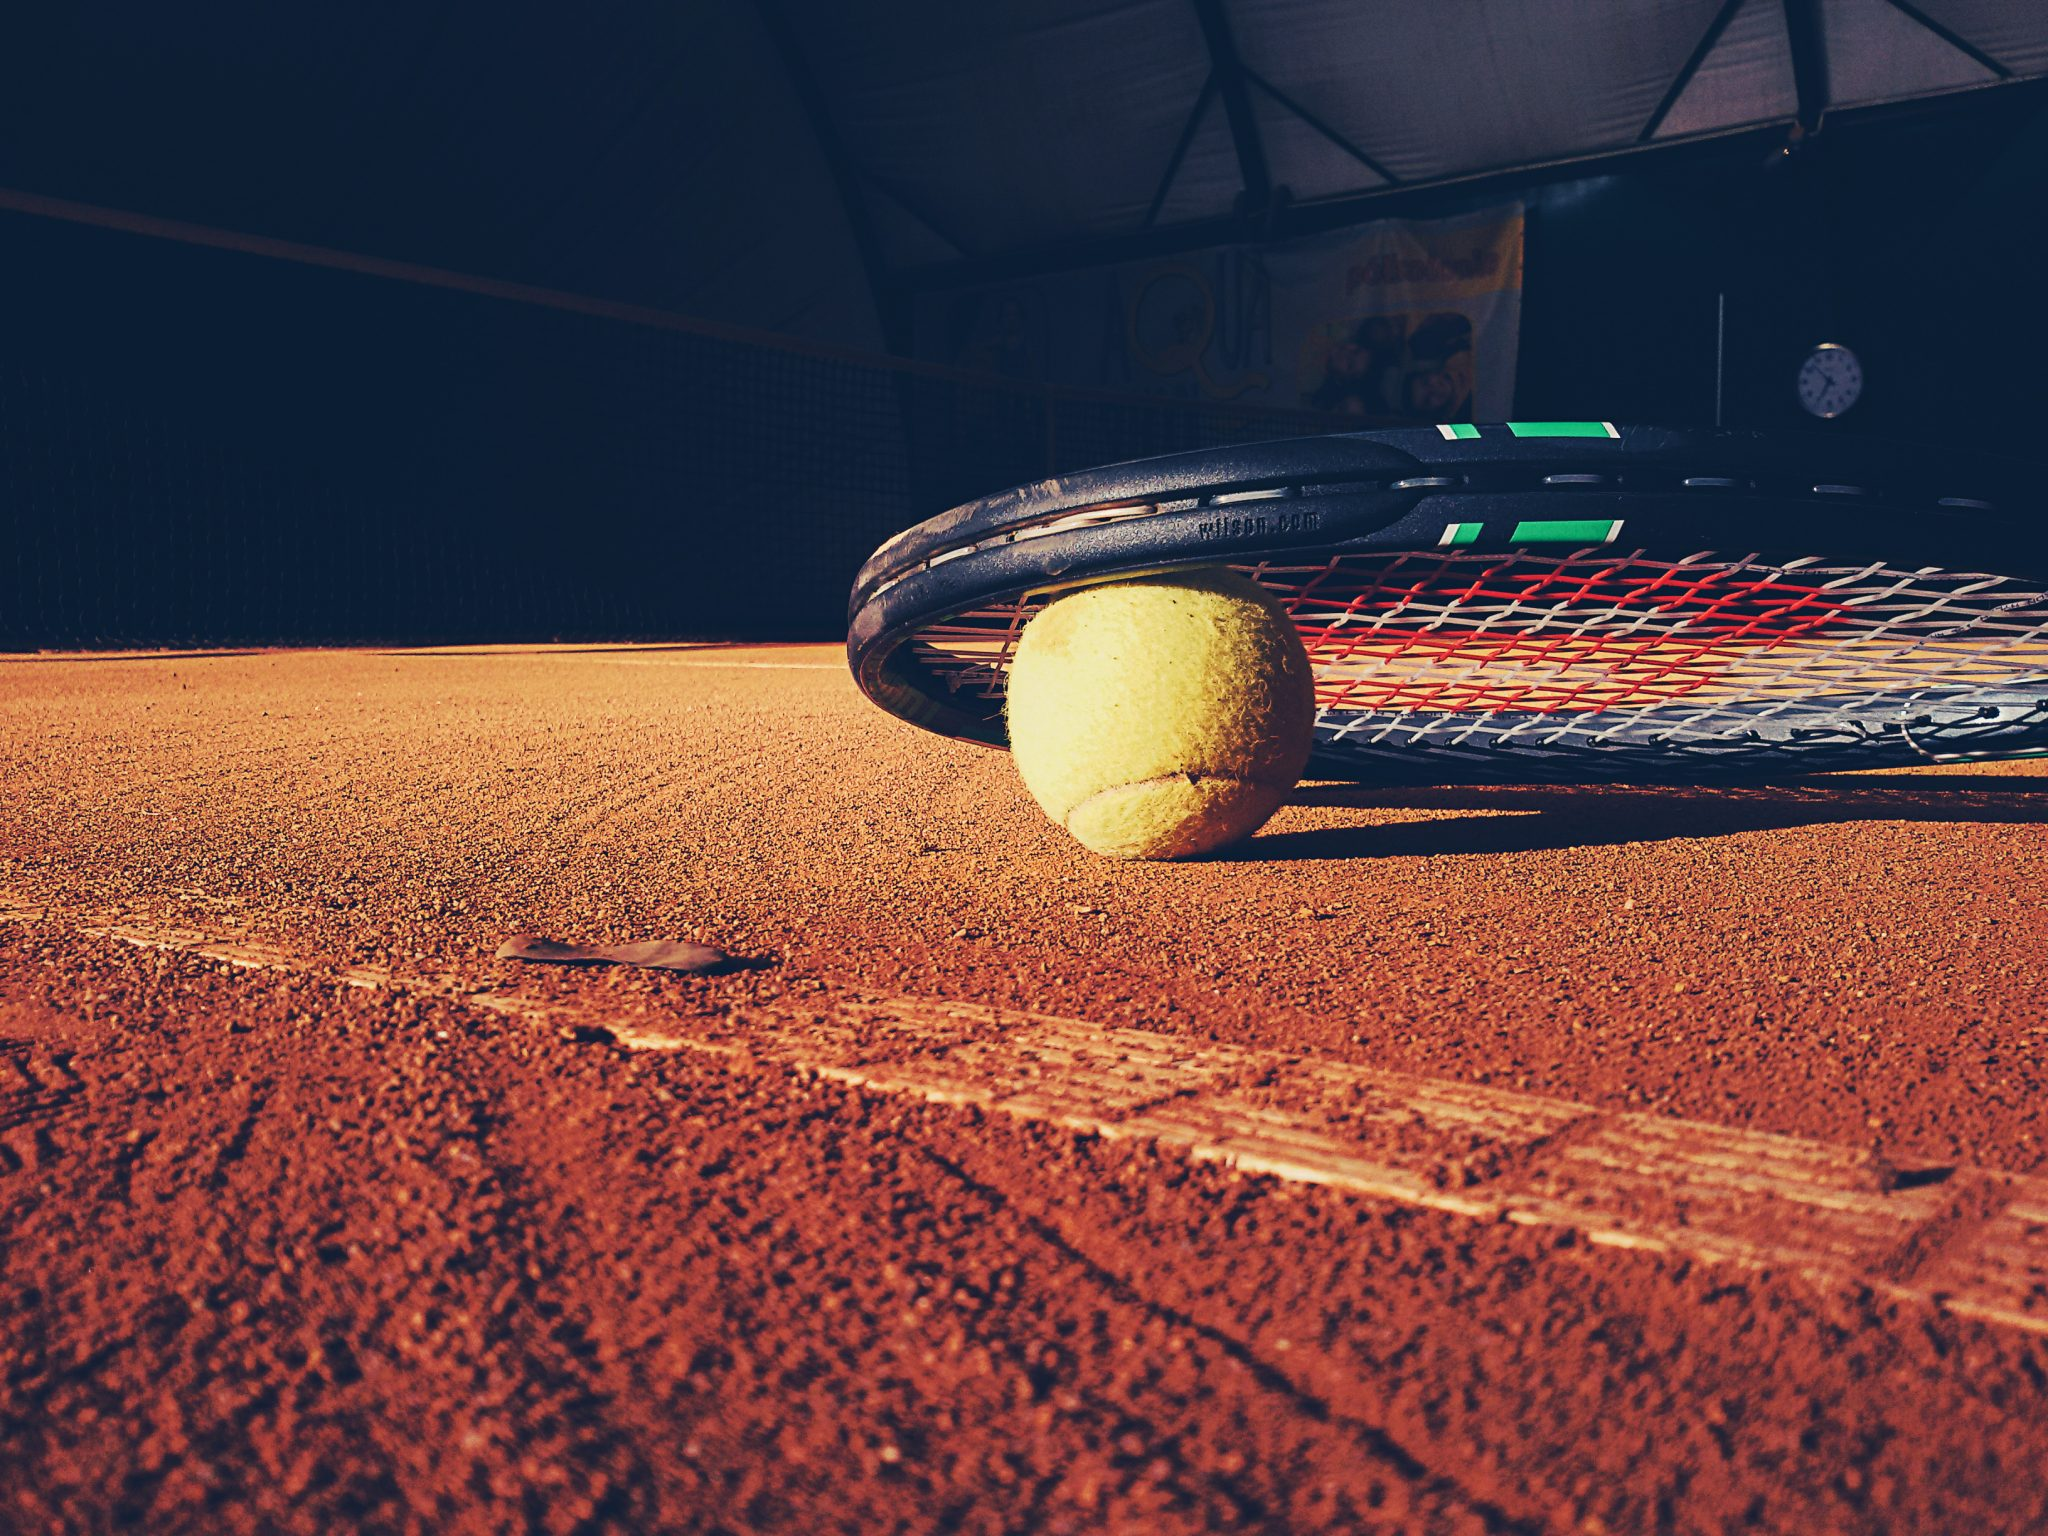 Vermietung von Tennisplätzen